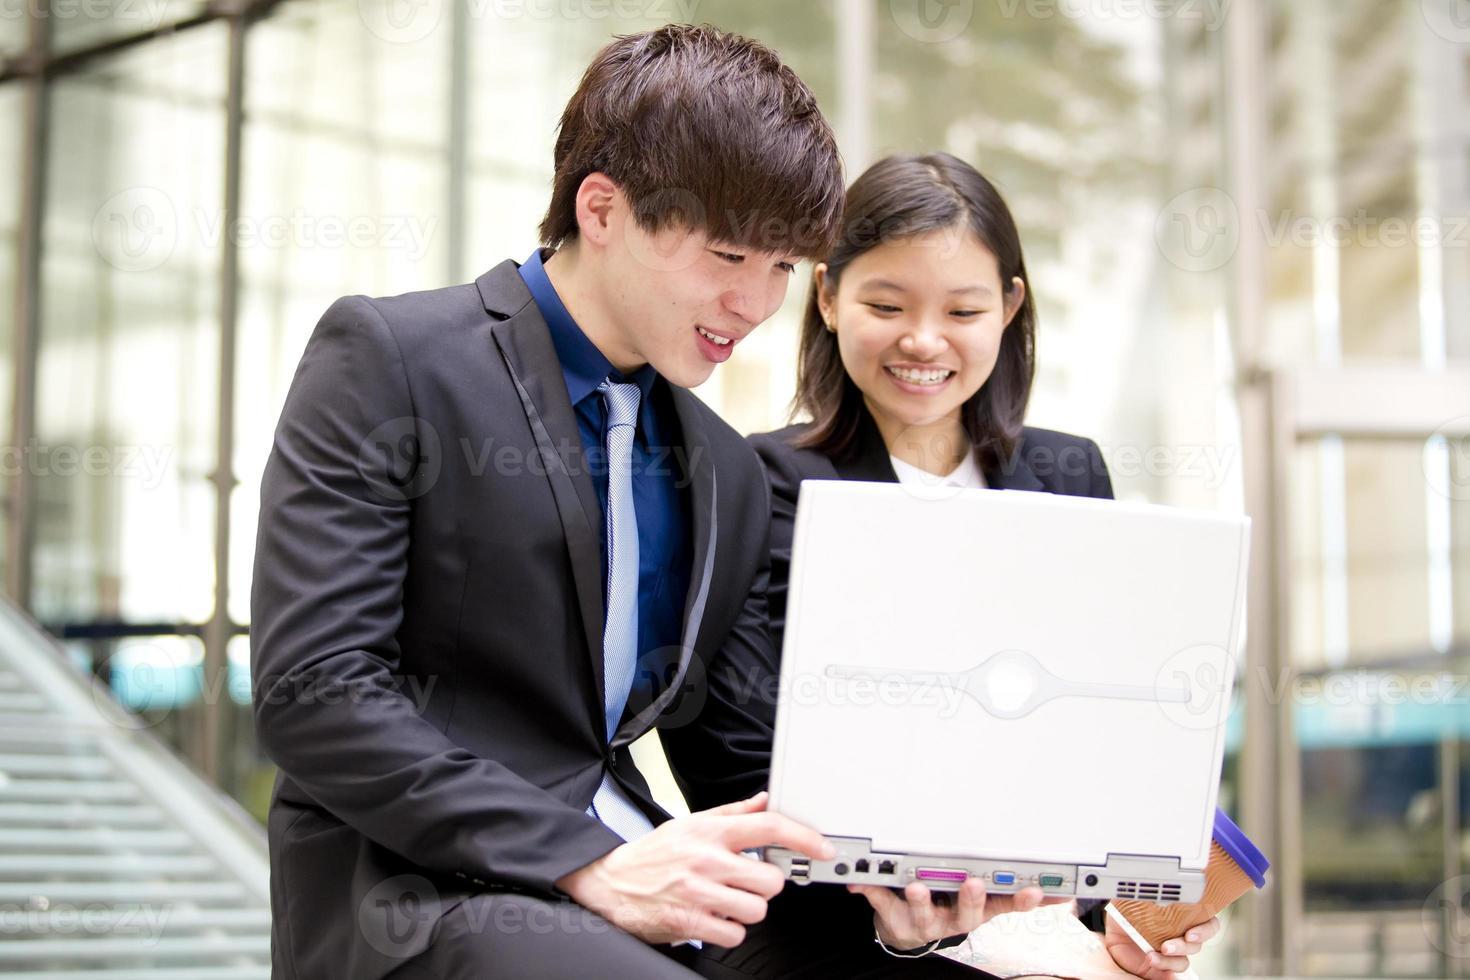 junge weibliche und männliche asiatische Geschäftsführerin mit Laptop foto